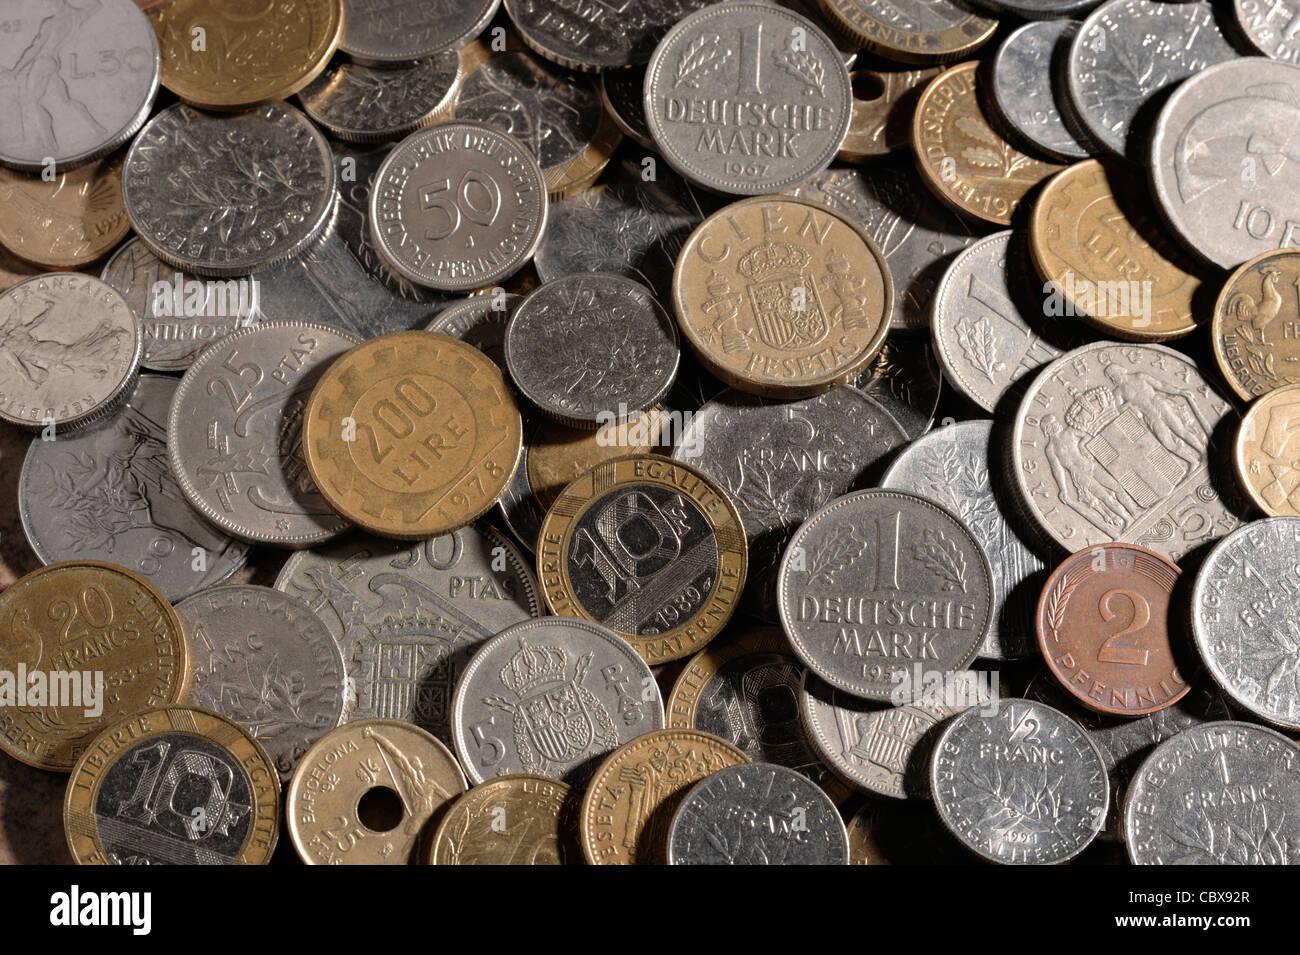 Münzen aus Europa vor dem Euro Stockbild